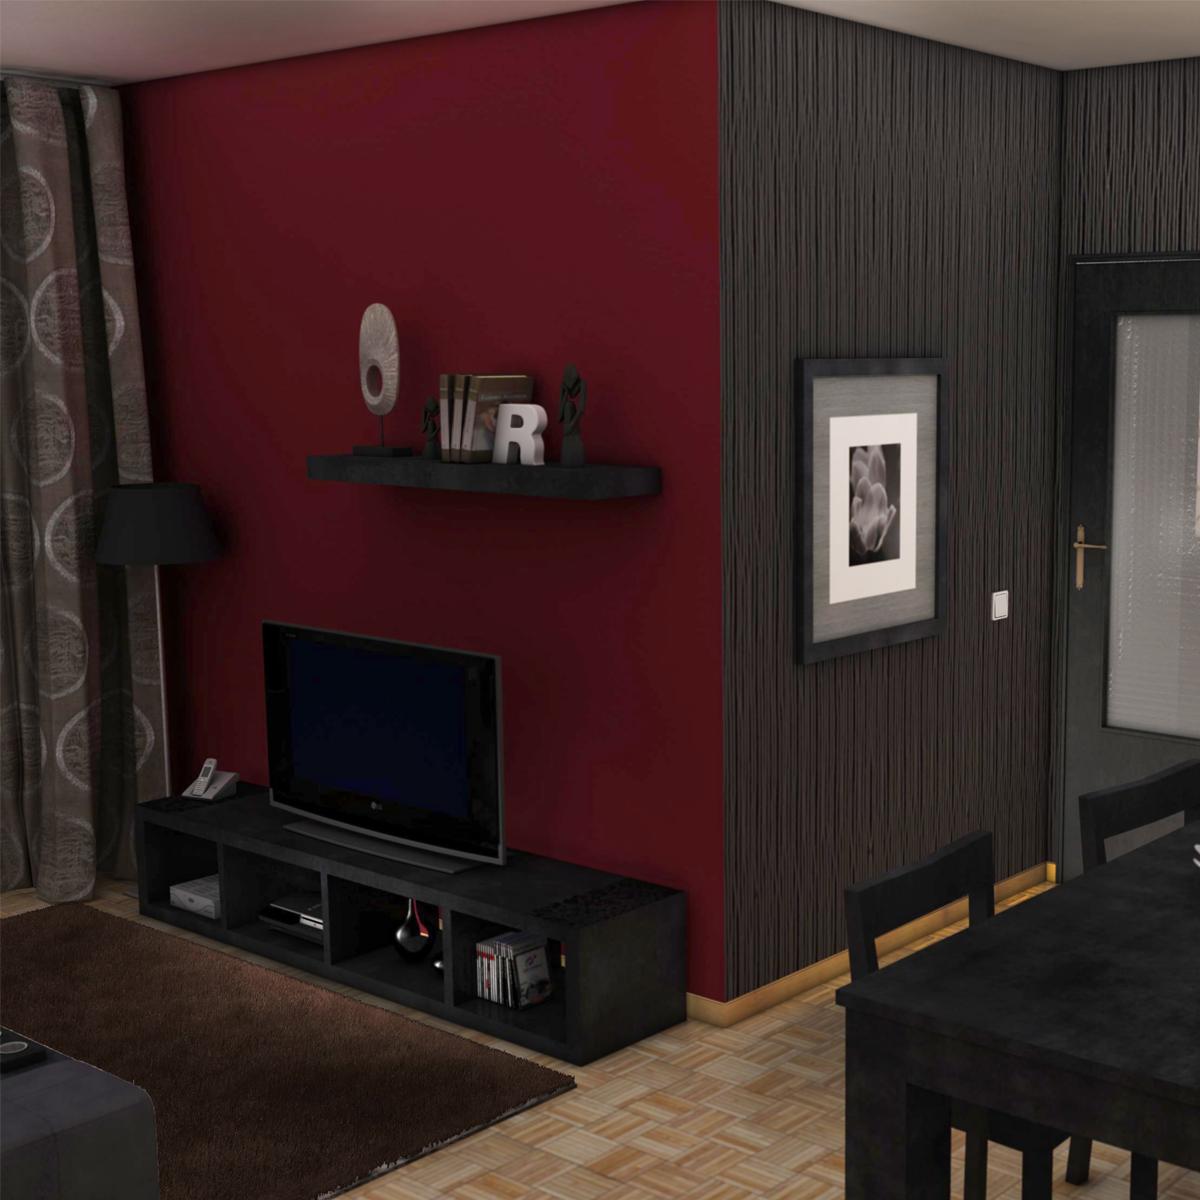 dzīvojamā istaba 3d modelis 3ds max fbx c4d ma mb obj 159604